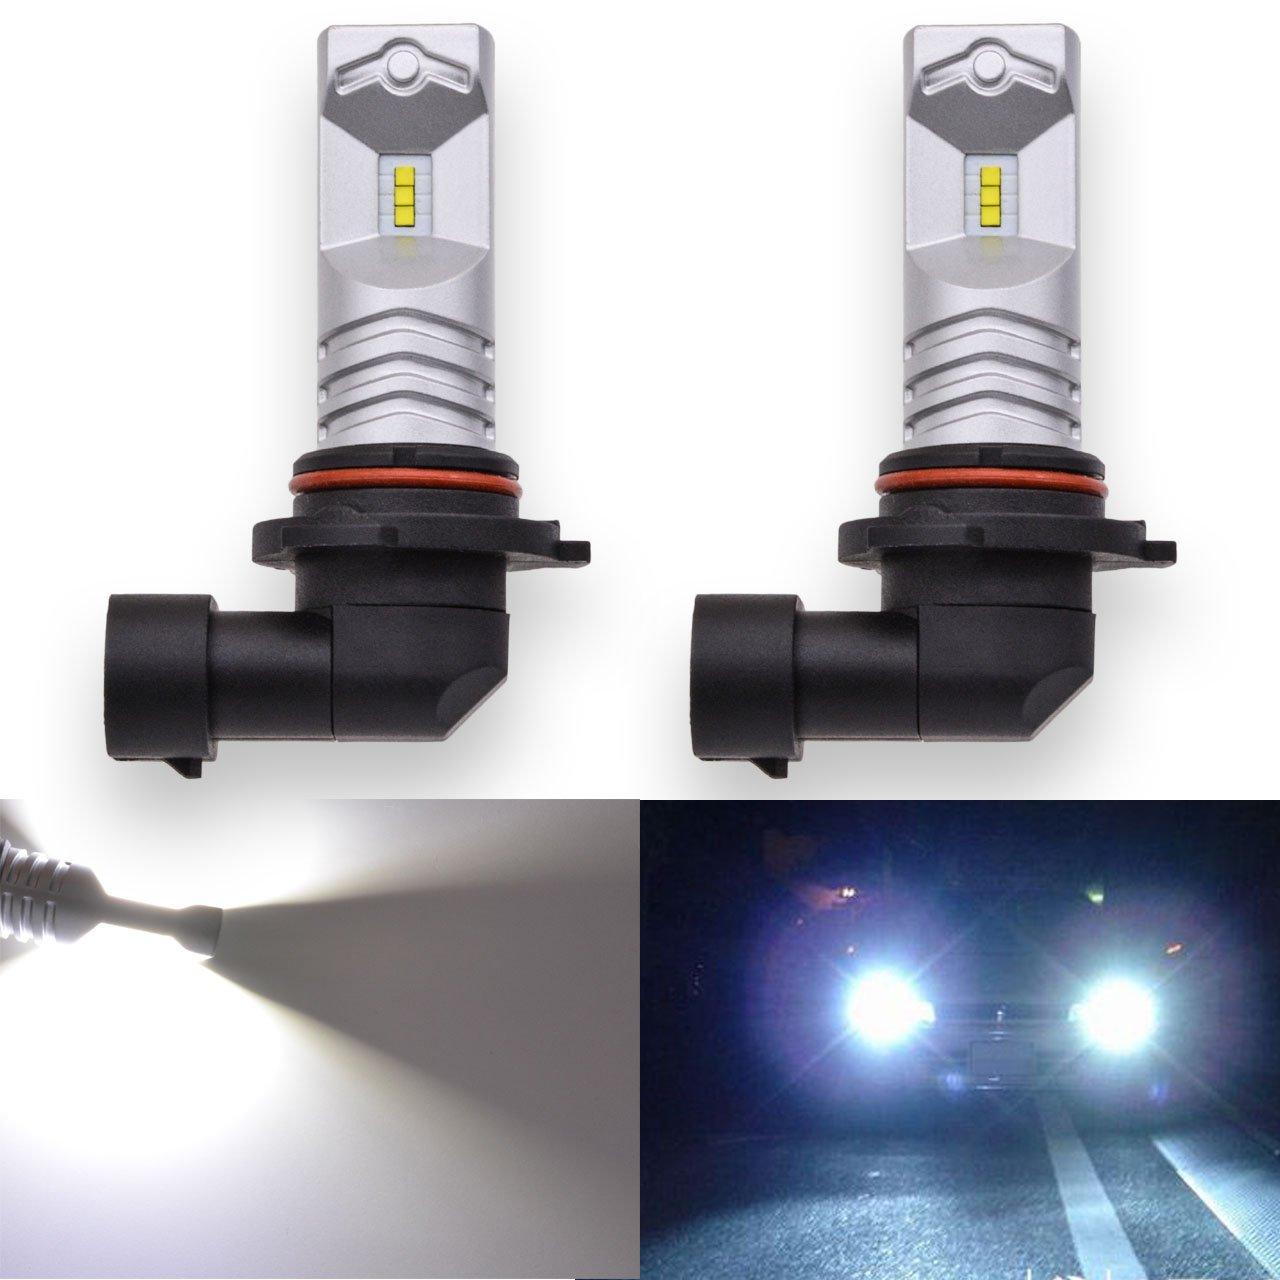 Katur Lot de 2 ampoules LED CSP extrê mement lumineuses 1600 lm Blanc froid, é tanche IP68, haute puissance 80 W, culot 1156 BA15S 1141 7056 Pour feux arriè re, feux stop, feux clignotants 12-24